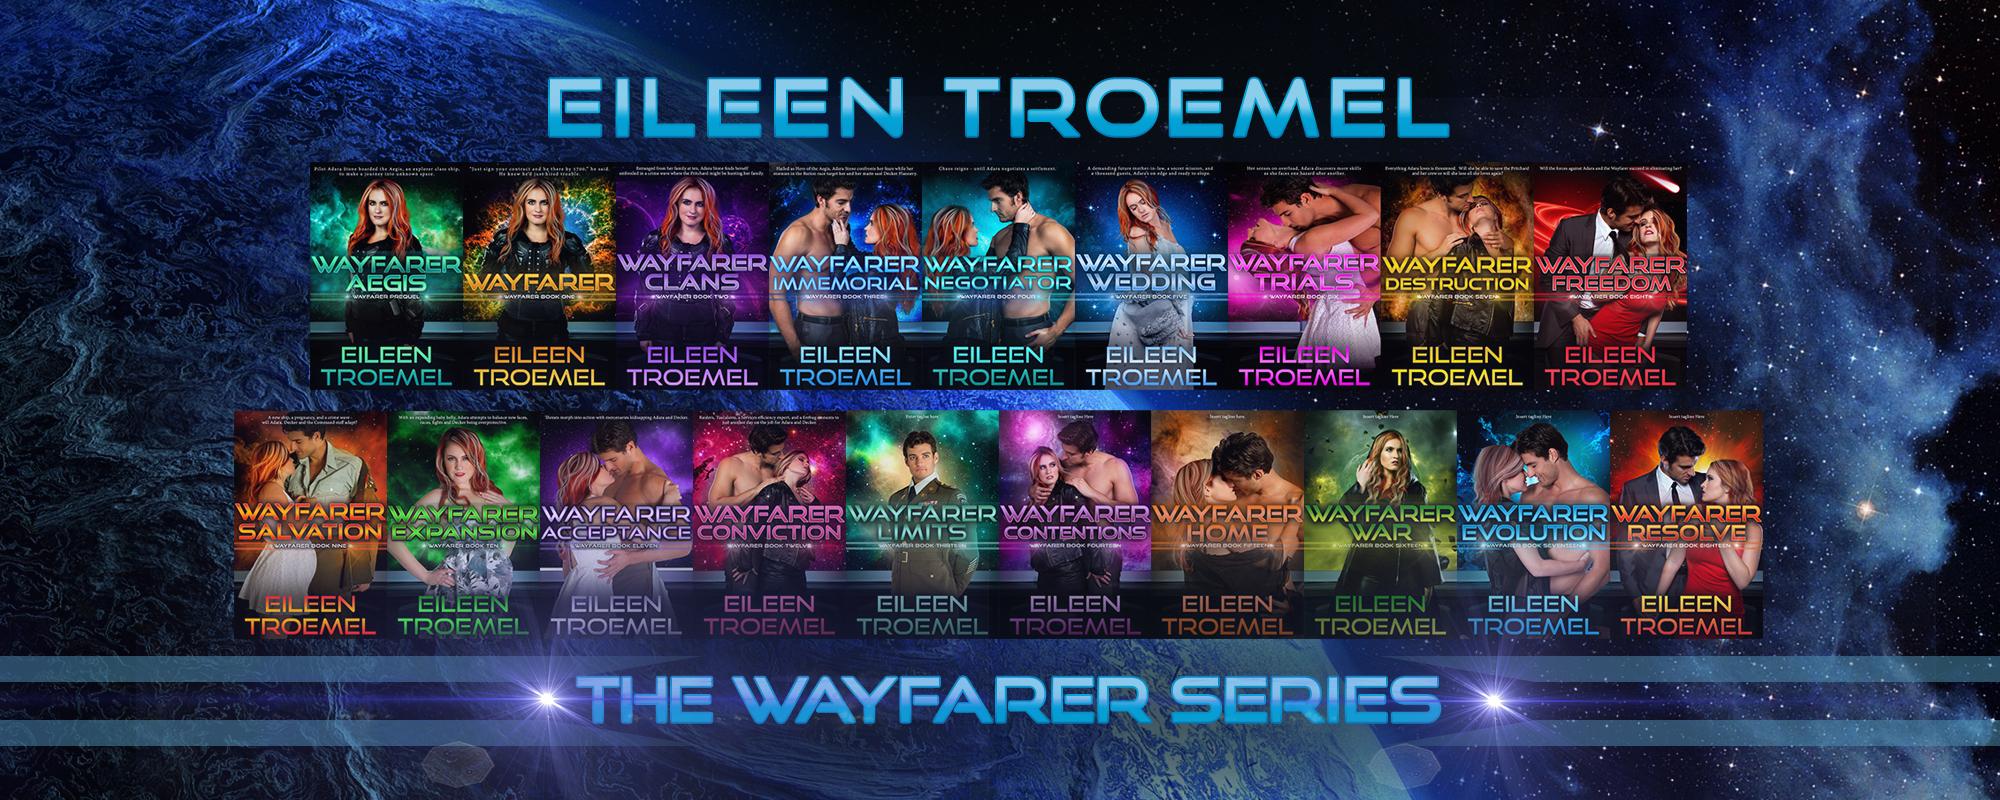 Wayfarer series banner